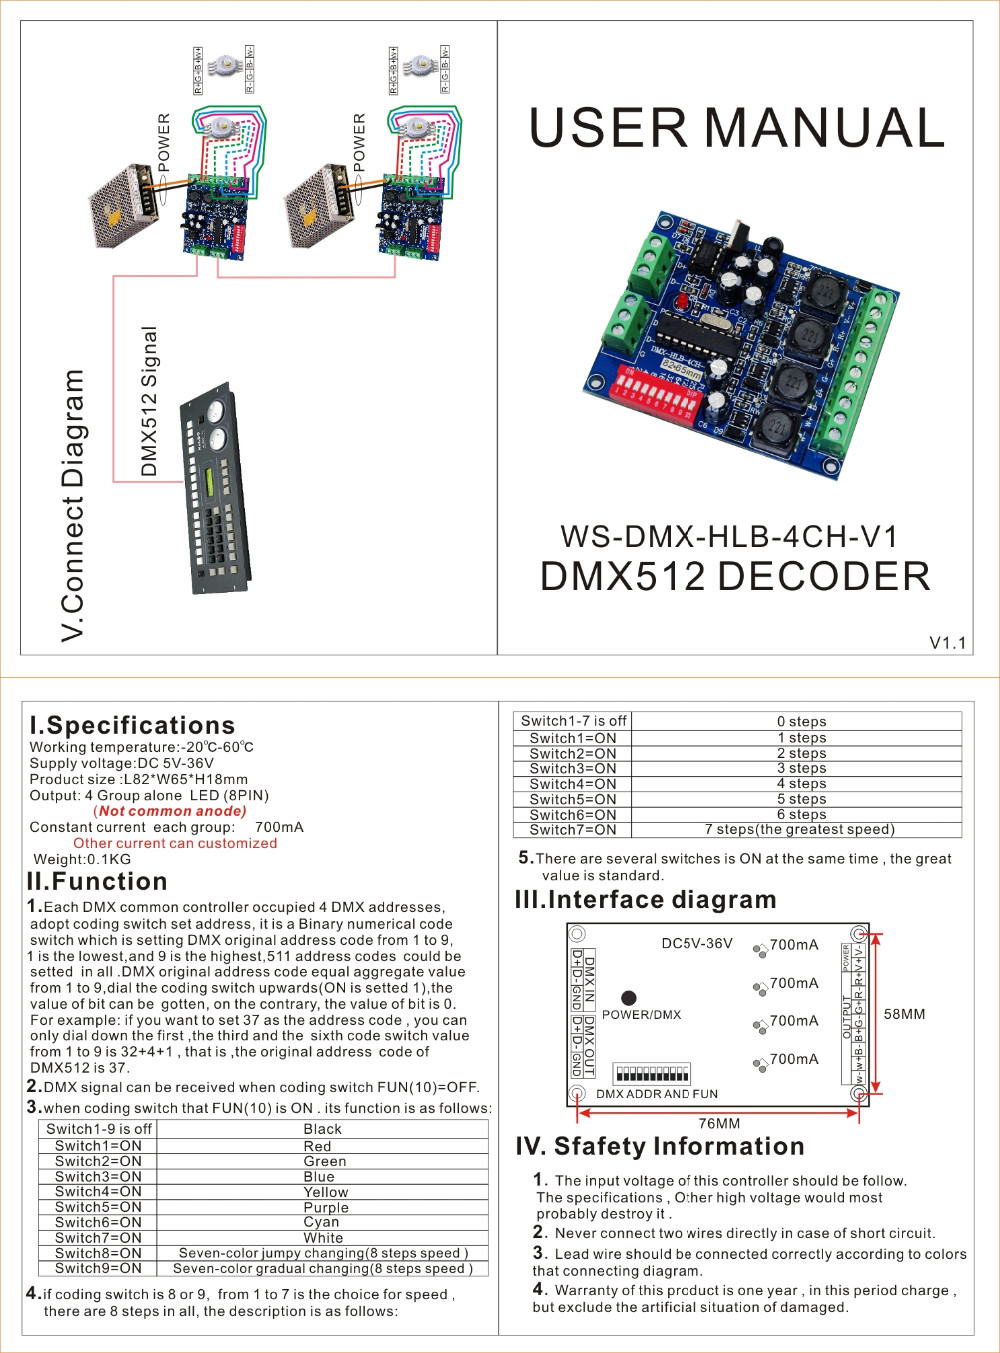 DMX_Controller_WS_DMX_HLB_4CH_700MA_1